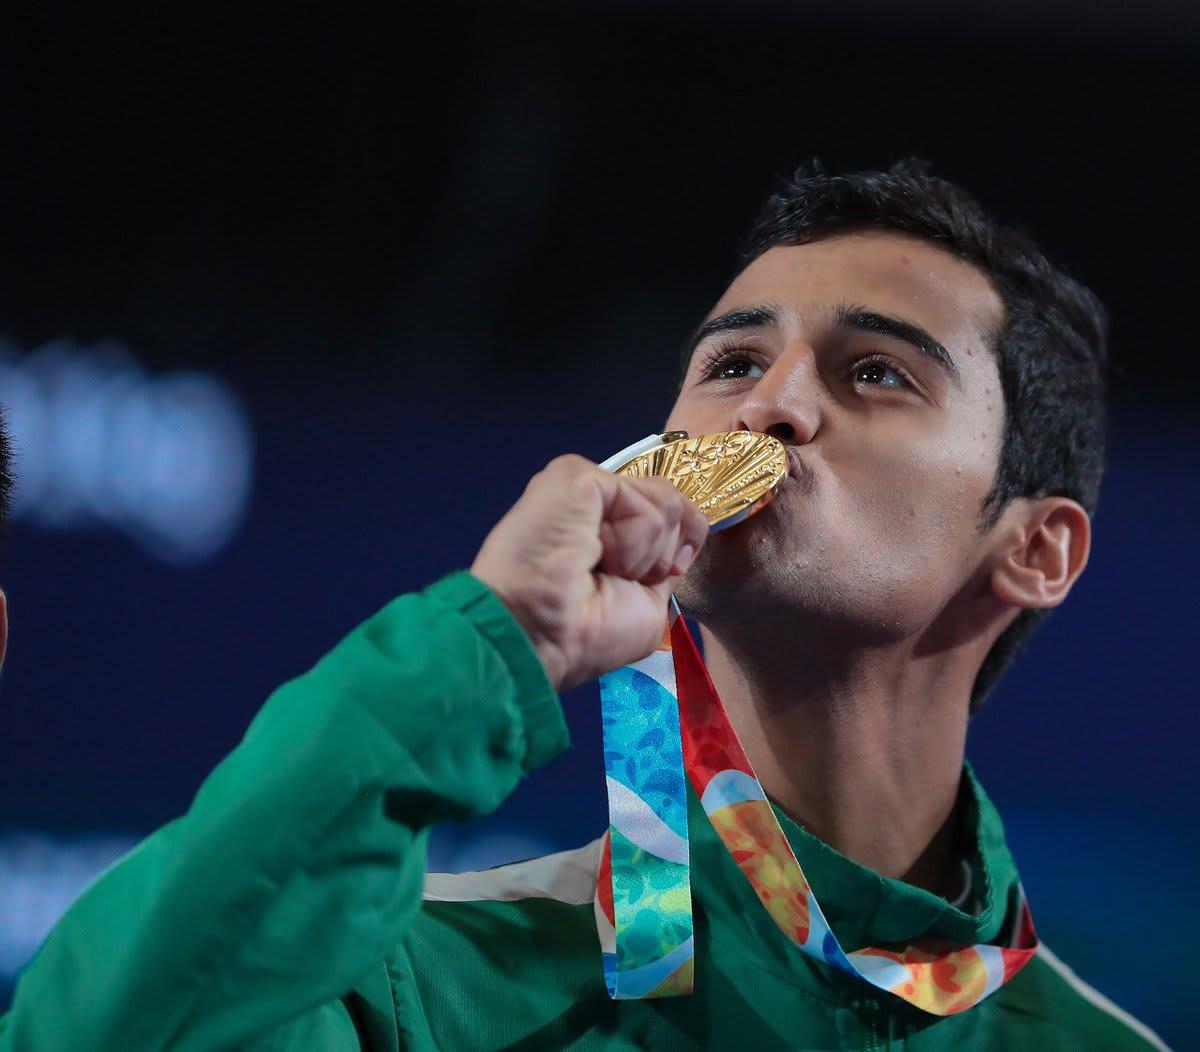 السعودي محمد العسيري يفوز بذهبية الكاراتيه في الألعاب الأولمبية الثالثة للشباب في الأرجنتين